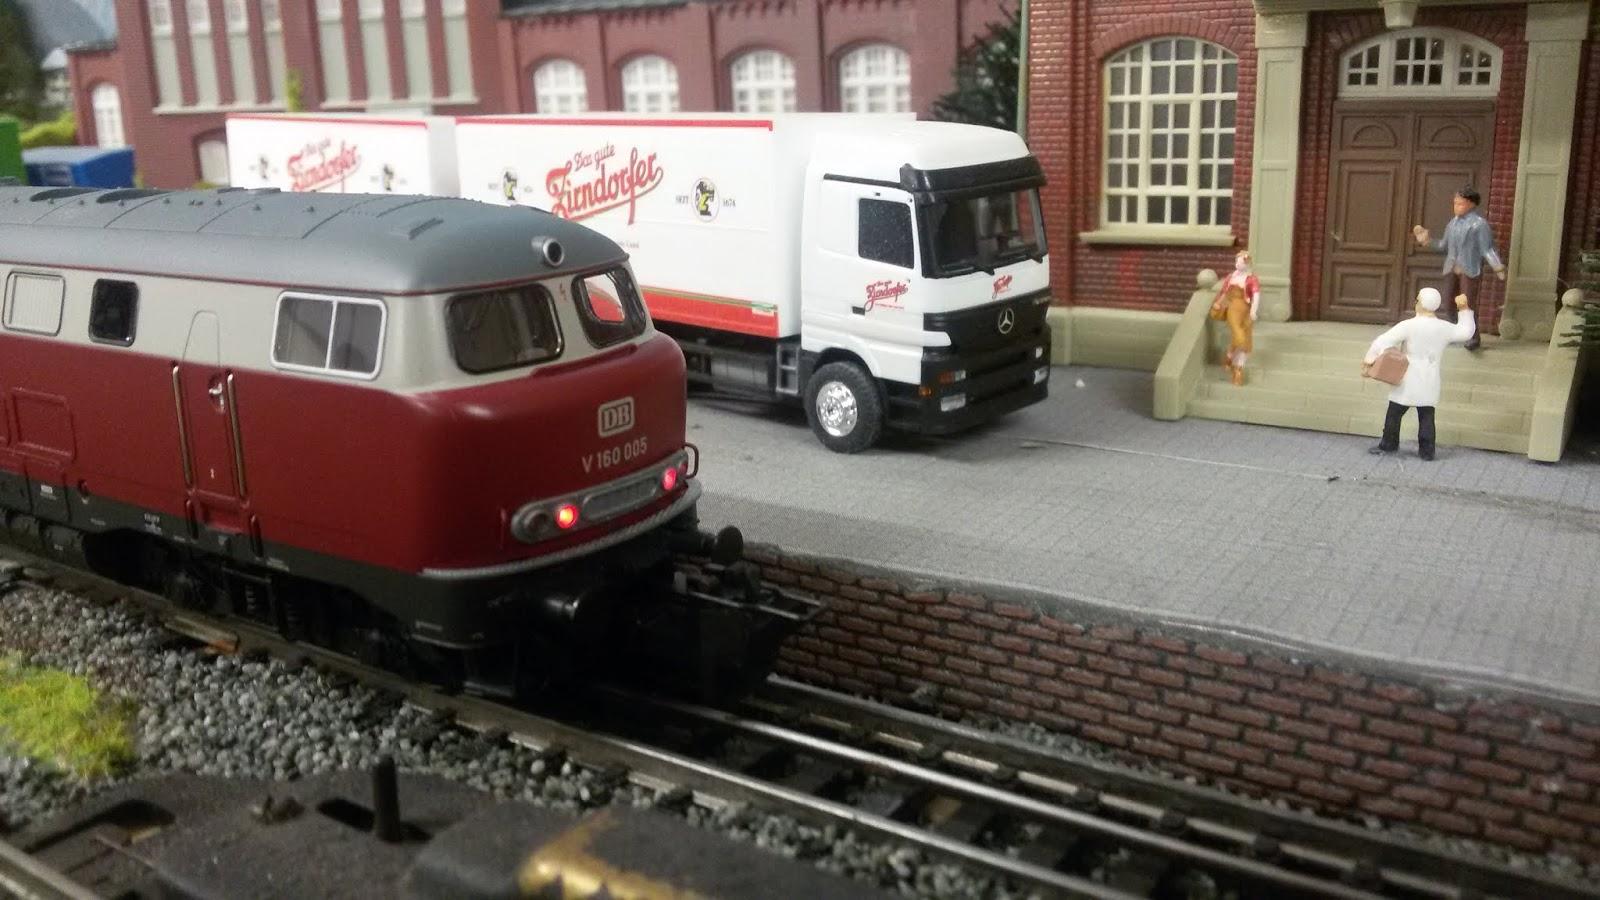 Heute War Wieder Eisenbahn Tag Die Neue Lollo V 160 Hat Erste Probefahrt Hinter Sich Inkl Gerausche Und Der Ruckmelder Funktioniert Auch